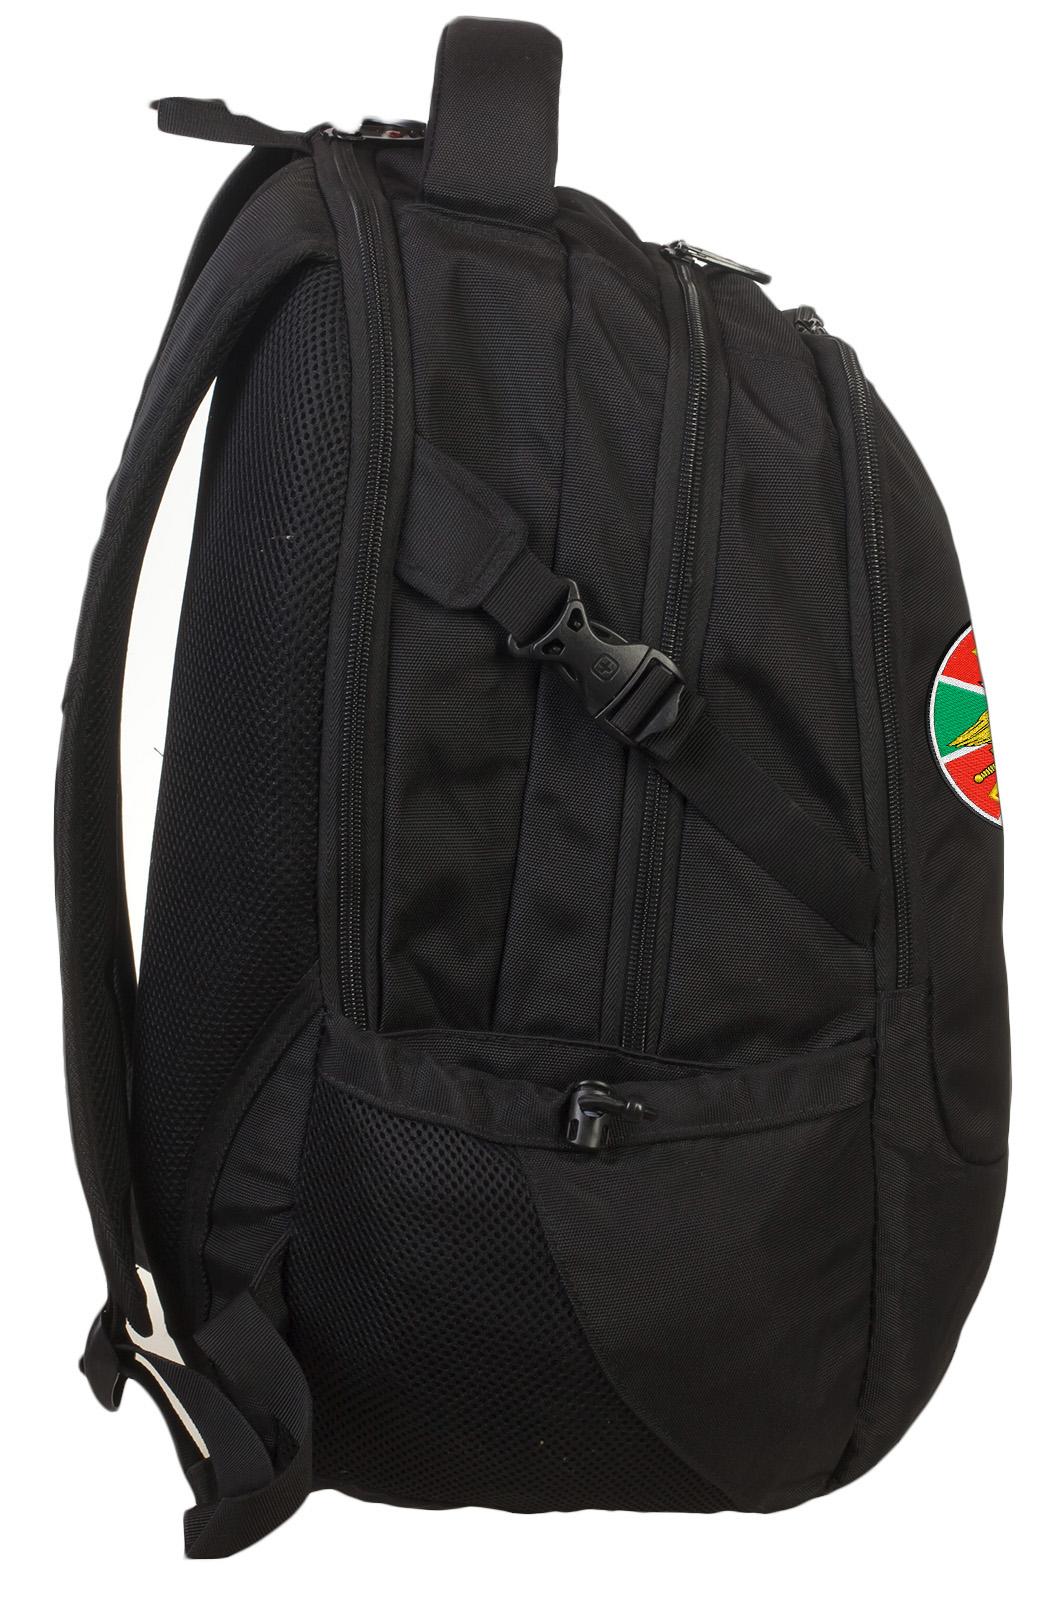 Практичный городской рюкзак с нашивкой Погранвойска - купить по низкой цене